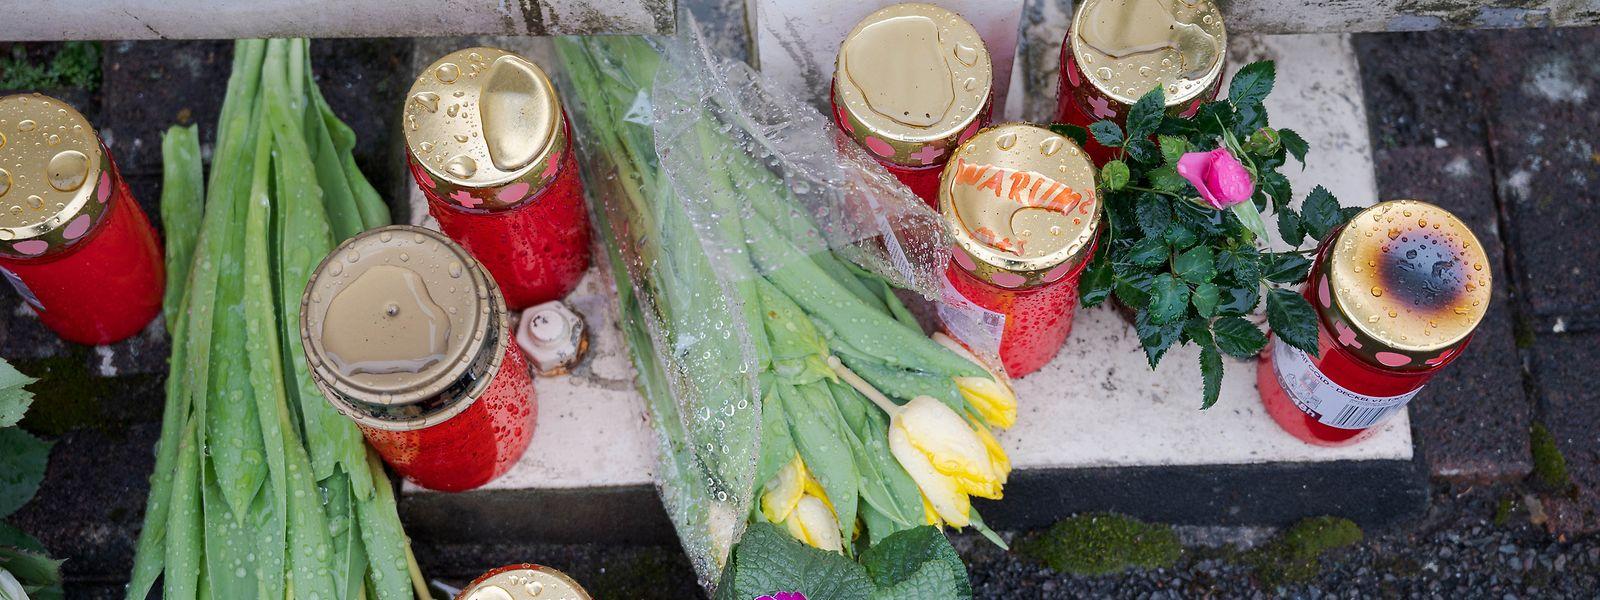 Vor dem Haus eines Arztes, der bei einer Explosion ums Leben kam, liegen Blumen und sind Kerzen abgestellt. Ein toter Landschaftsgärtner steht unter Verdacht, den Arzt mit einer Sprengfalle getötet zu haben.